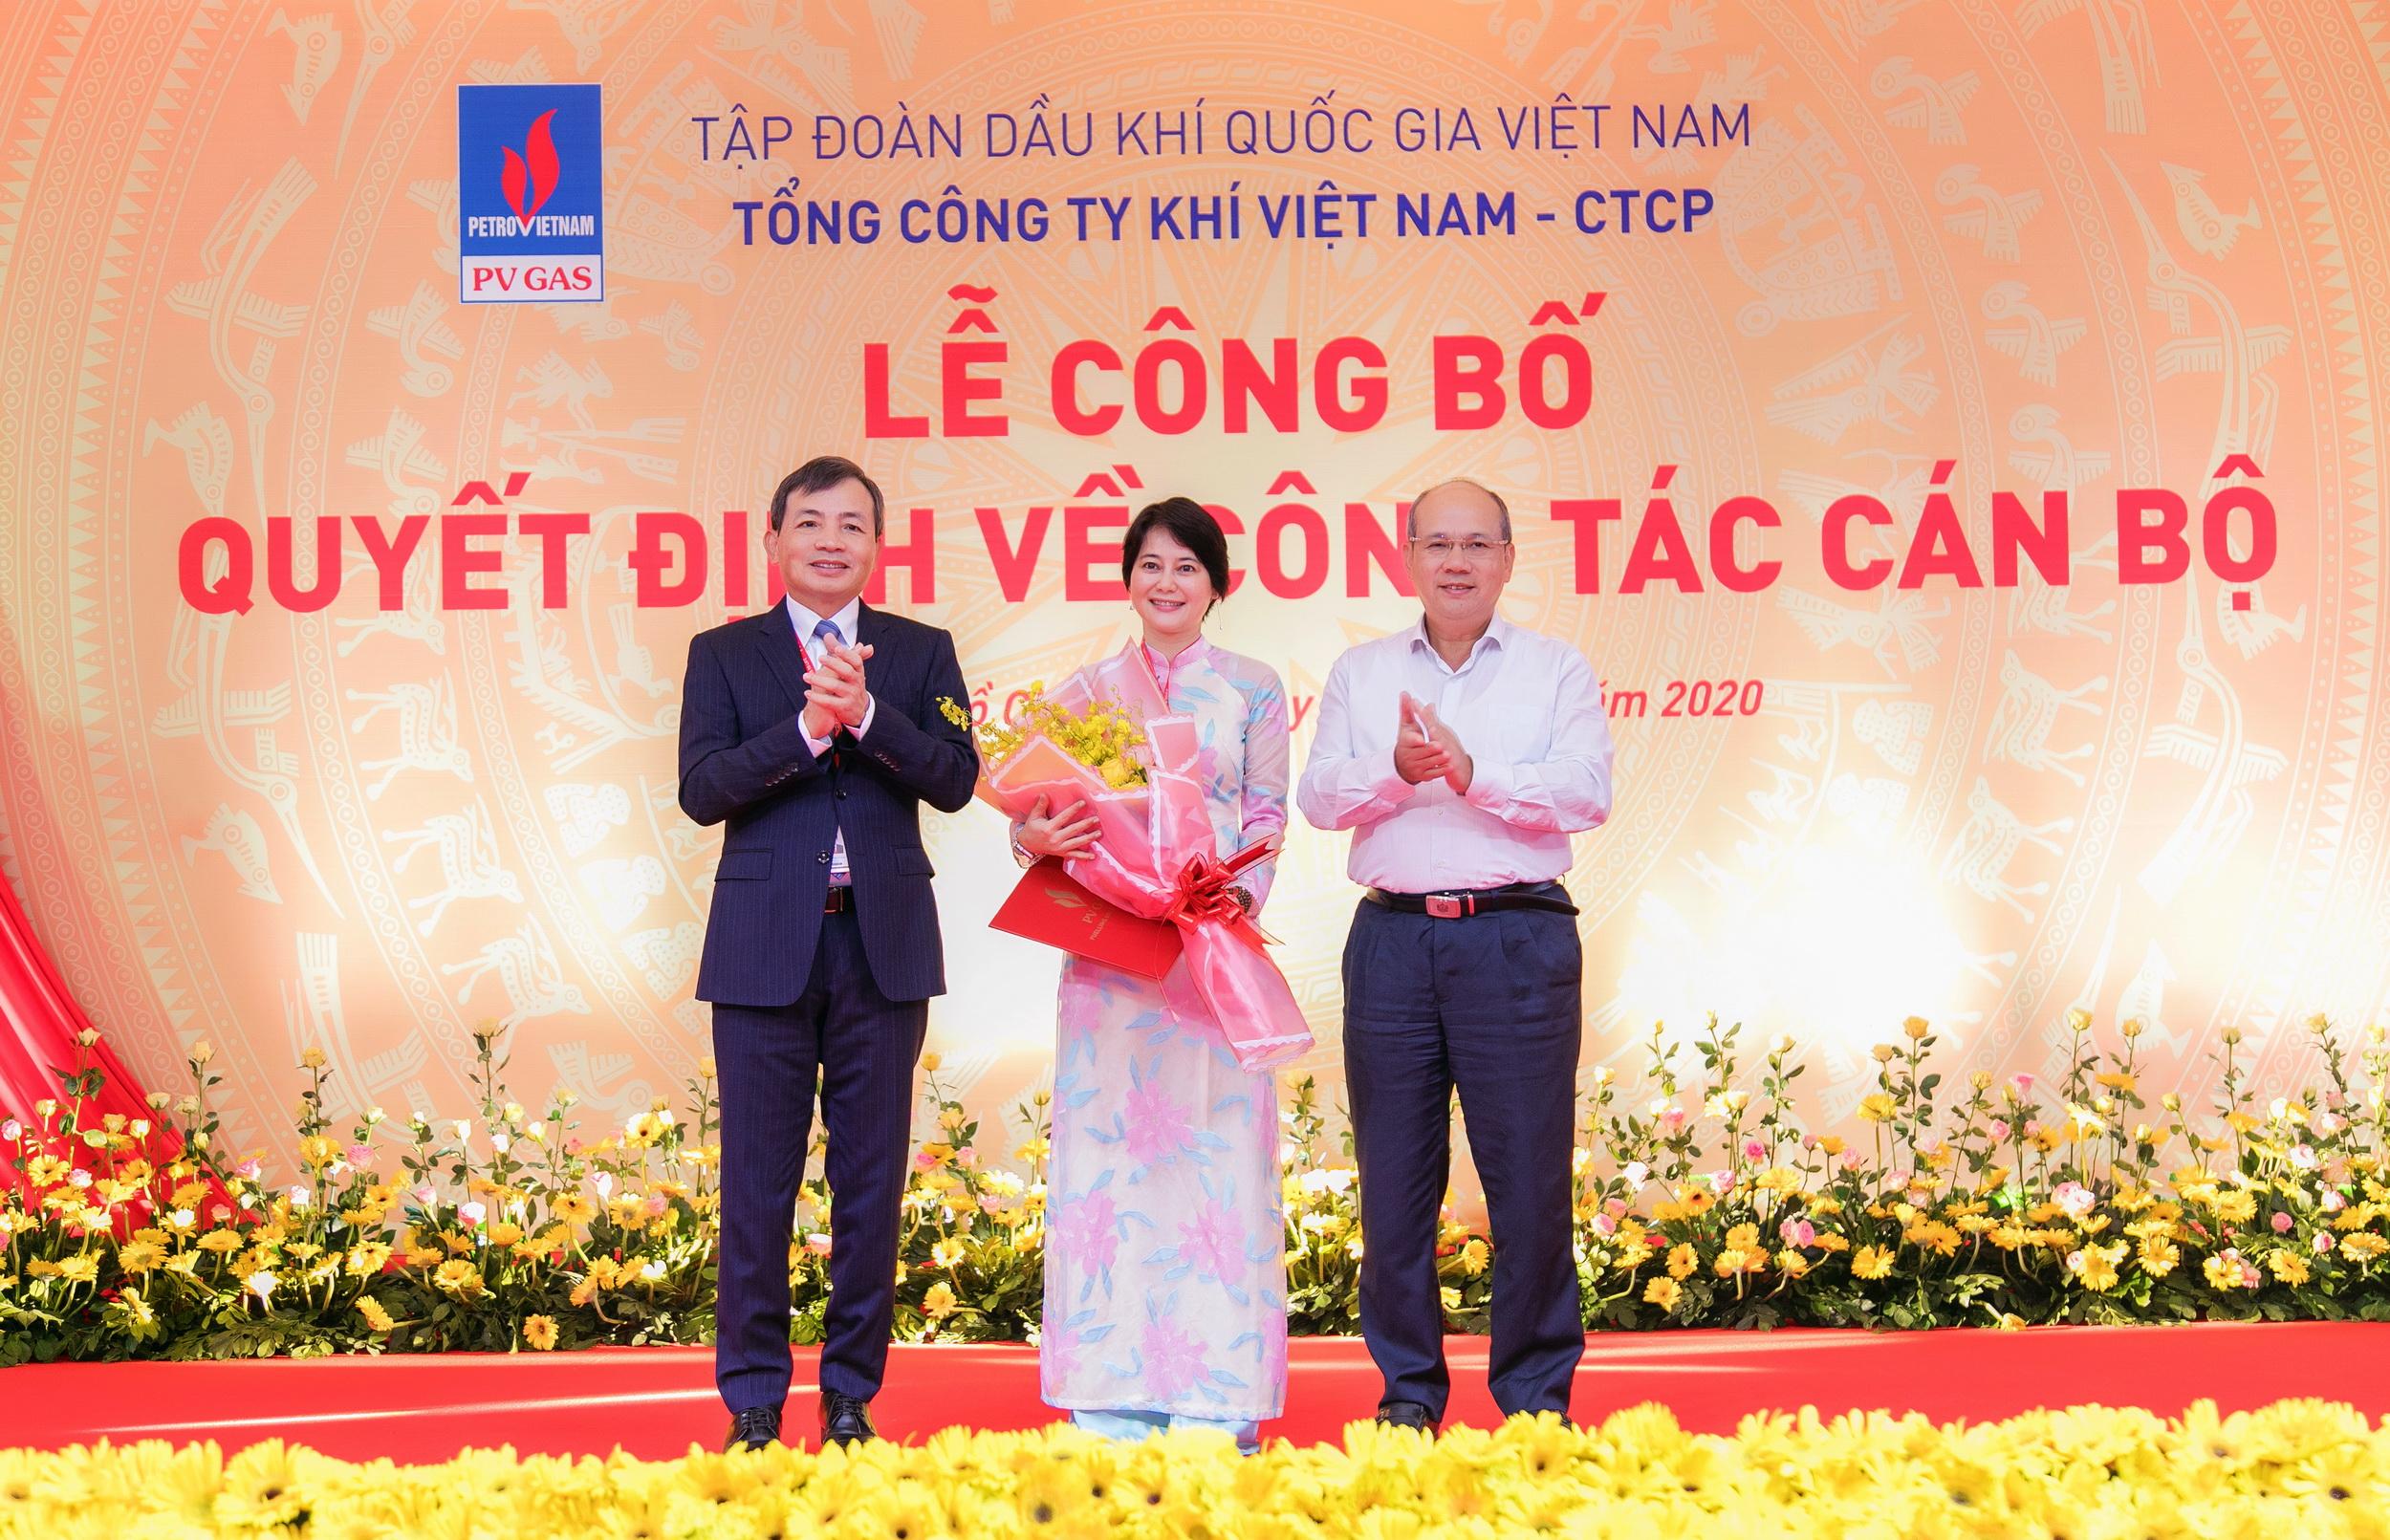 Trao quyết định bổ nhiệm lại cho bà Võ Thị Thanh Ngọc - Thành viên HĐQT PV GAS